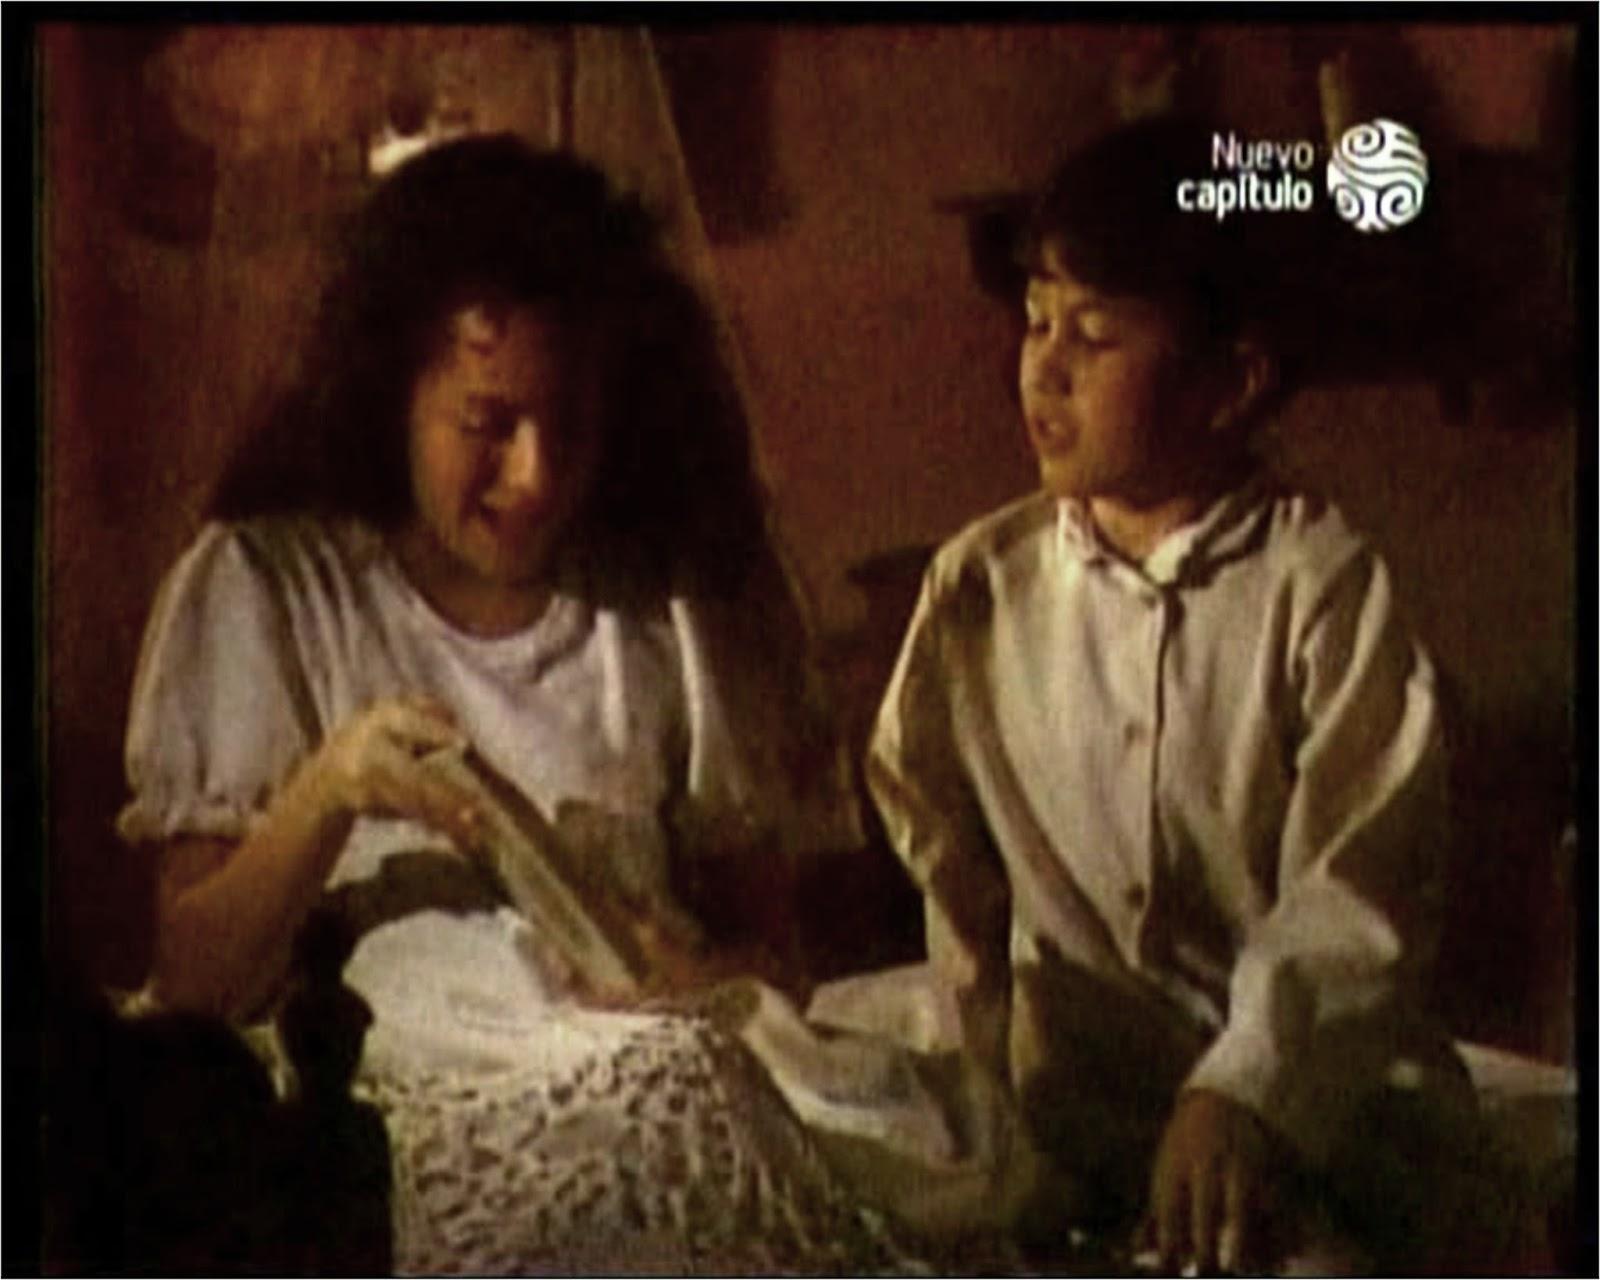 Danna García fotos..La Casa de las dos Palmas 1990 - Página 3 EVANGELINA+(DANNA+GARCIA+NI%C3%91A)+ZZA